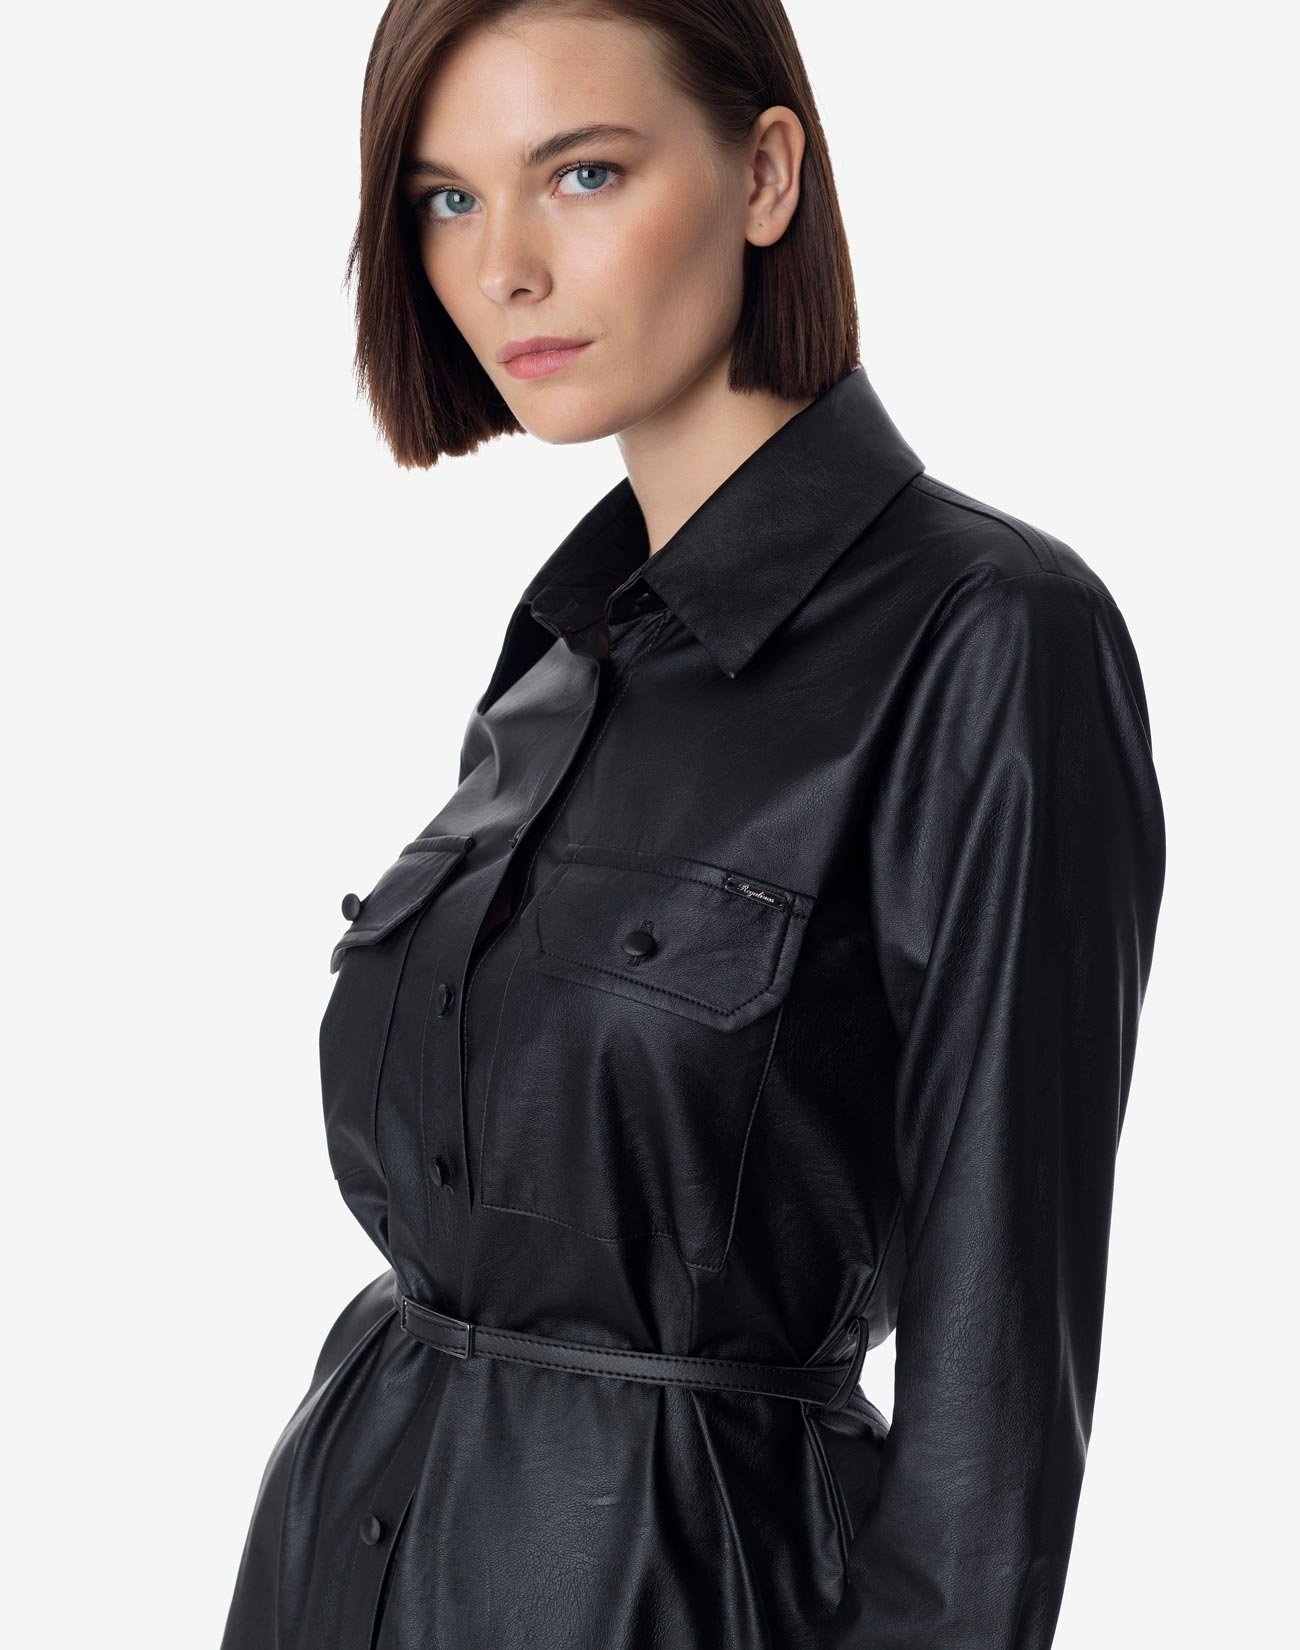 Φόρεμα δερματίνης με κουμπιά